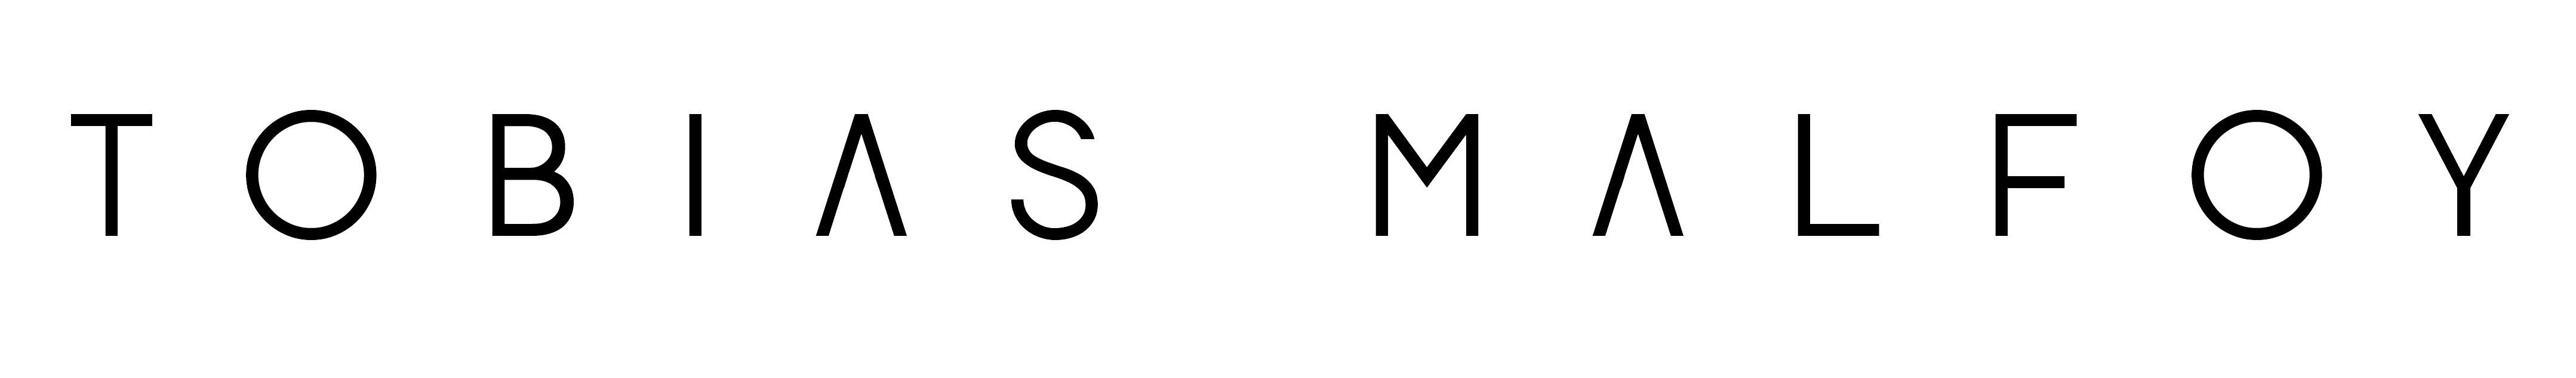 tobias-malfoy-logo-black